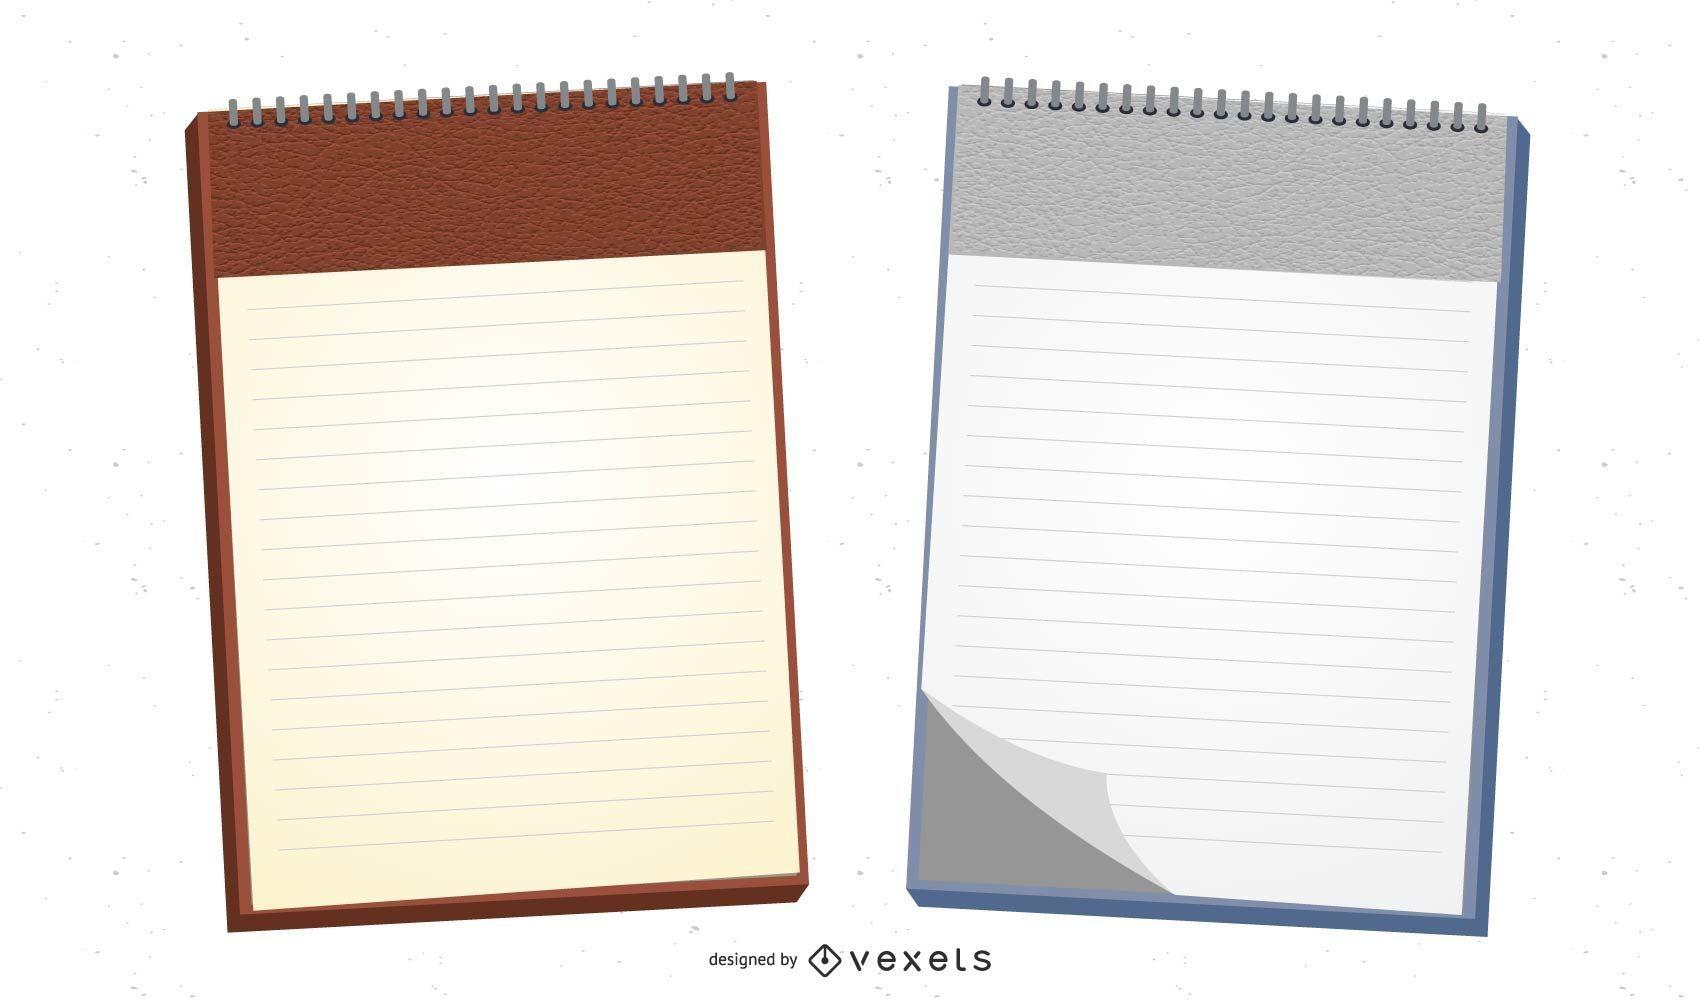 Papel para cartas realista de encadernação em espiral